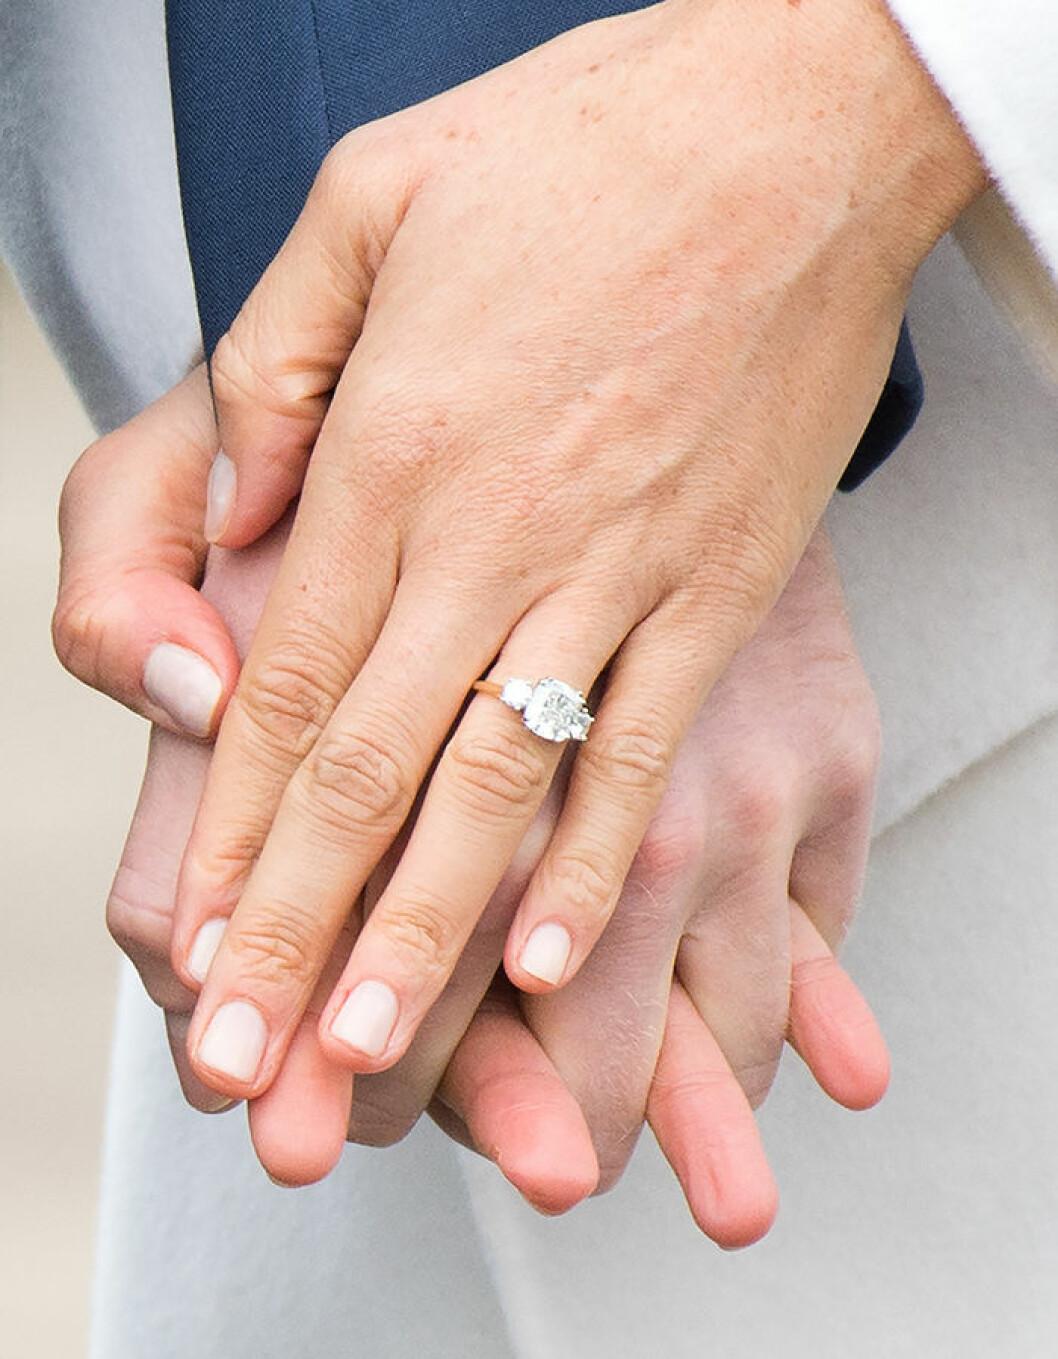 Meghan Markle och prins Harry gifter sig den 19 maj 2018. Meghan Markles förlovningsring med tre diamanter sticker ut.